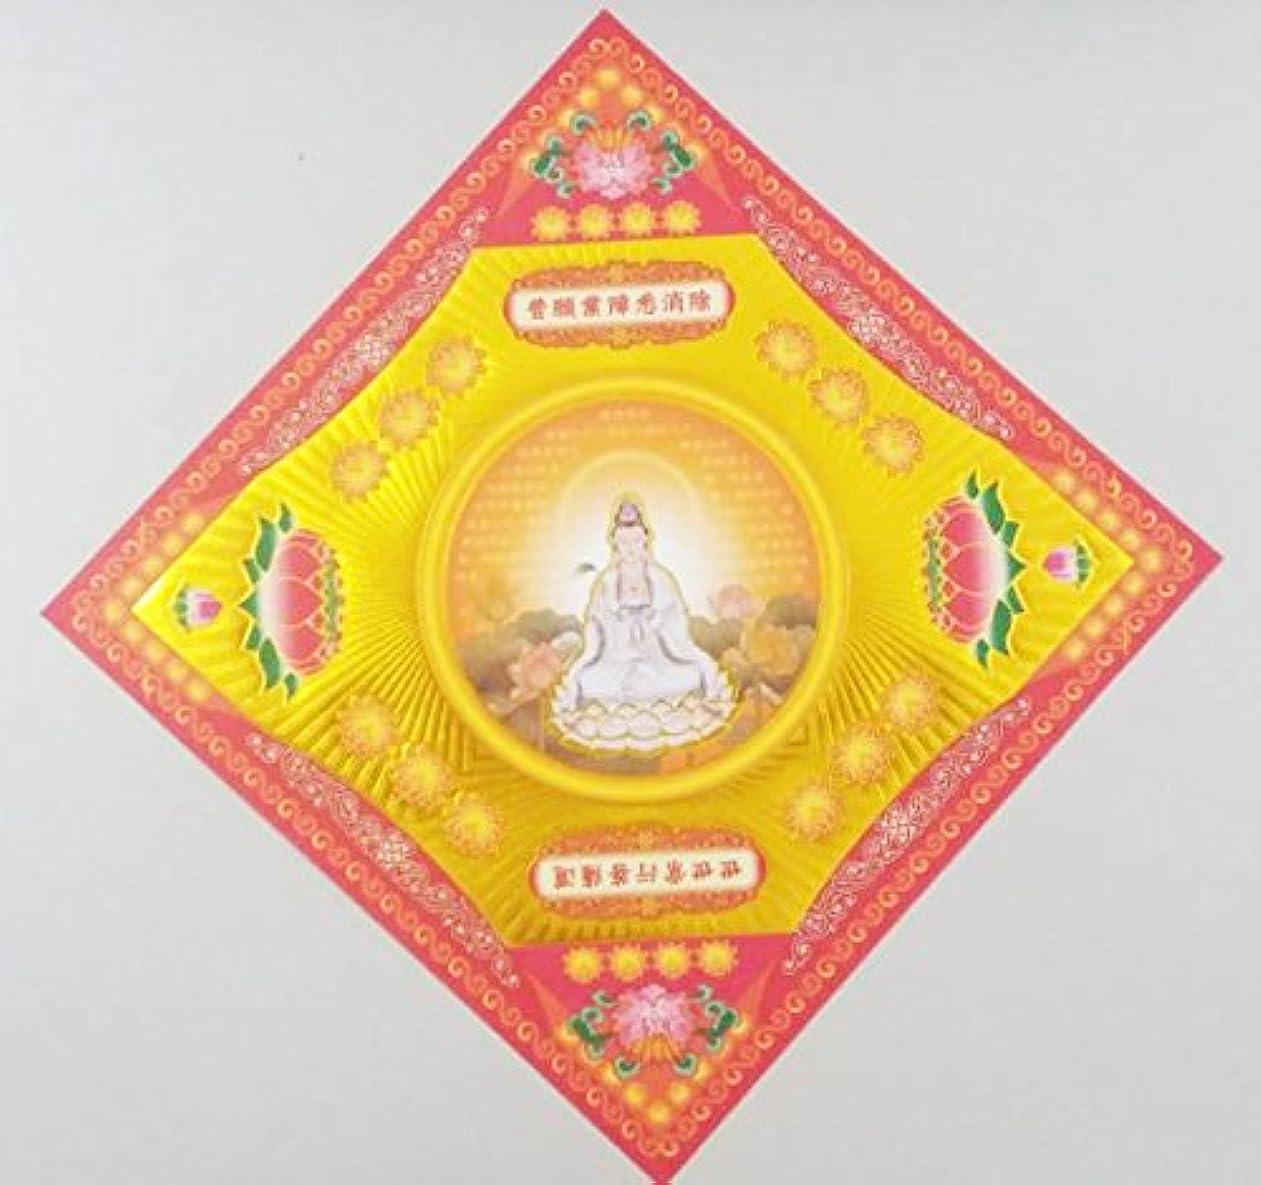 ありがたい悪い主婦40pcs Incense用紙/Joss用紙ハイグレードGuanyinゴールドの箔の祖先Praying 8インチx 8インチ(レッド)